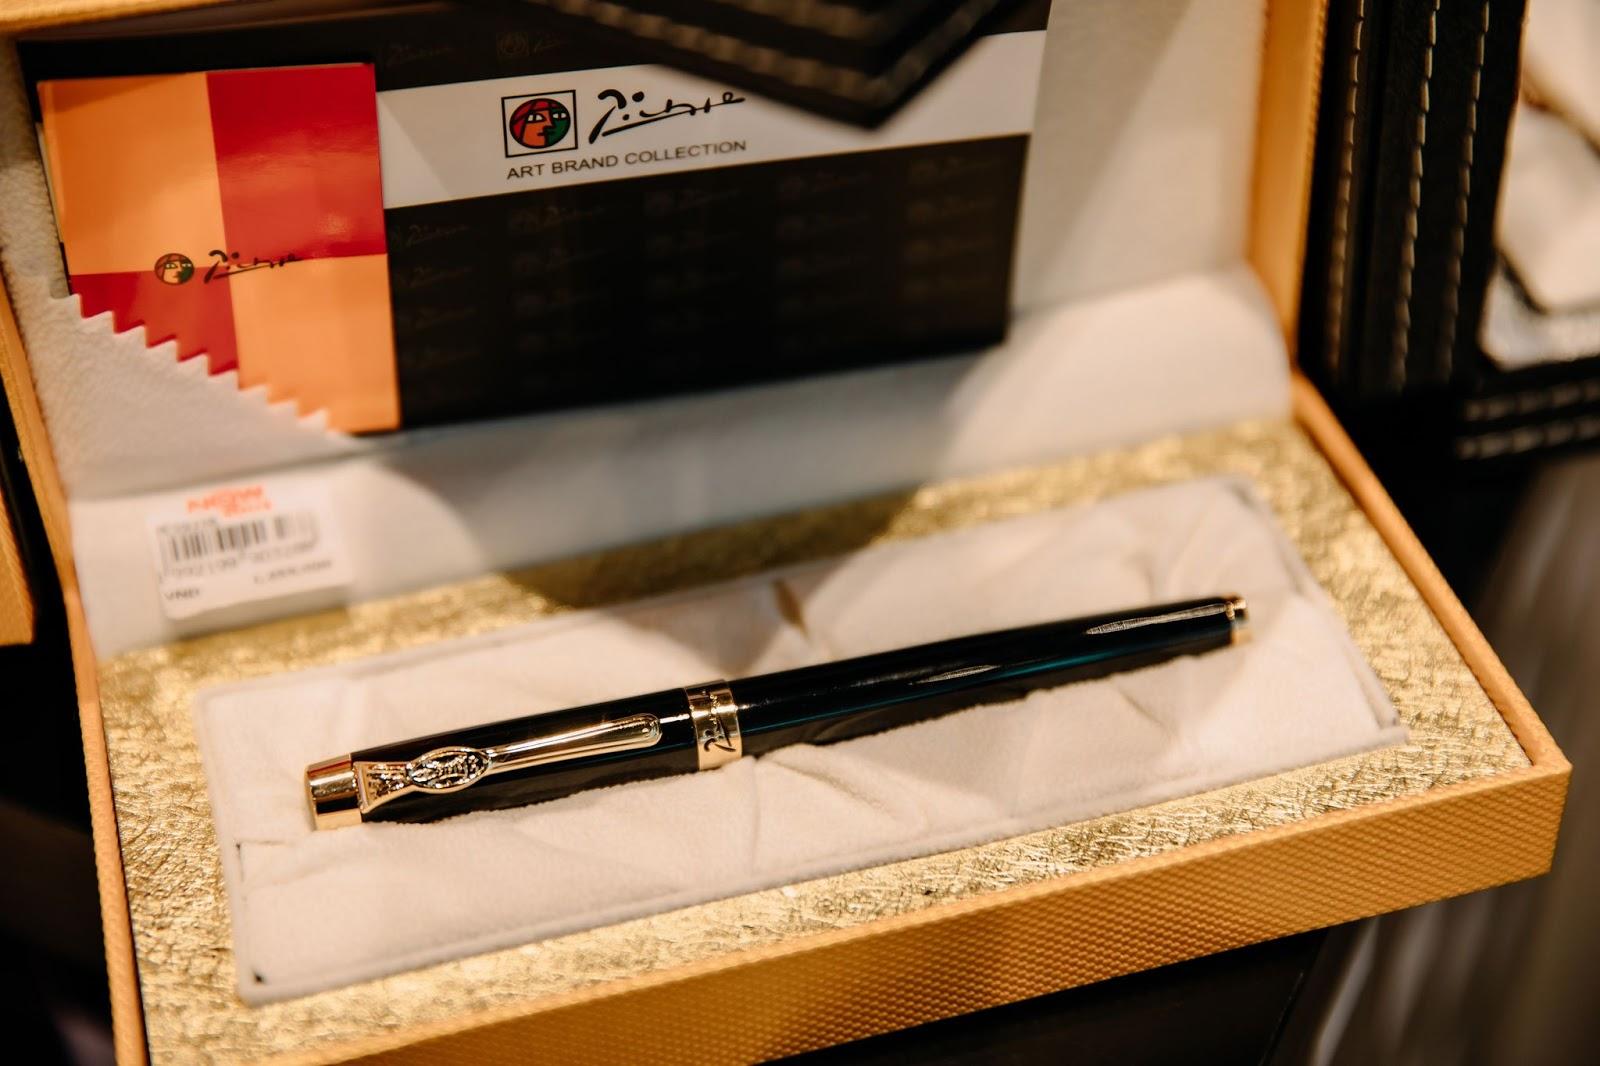 Bút ký có thiết kế sang trọng, được đặt trong chiếc hộp có thiết kế cầu kỳ.